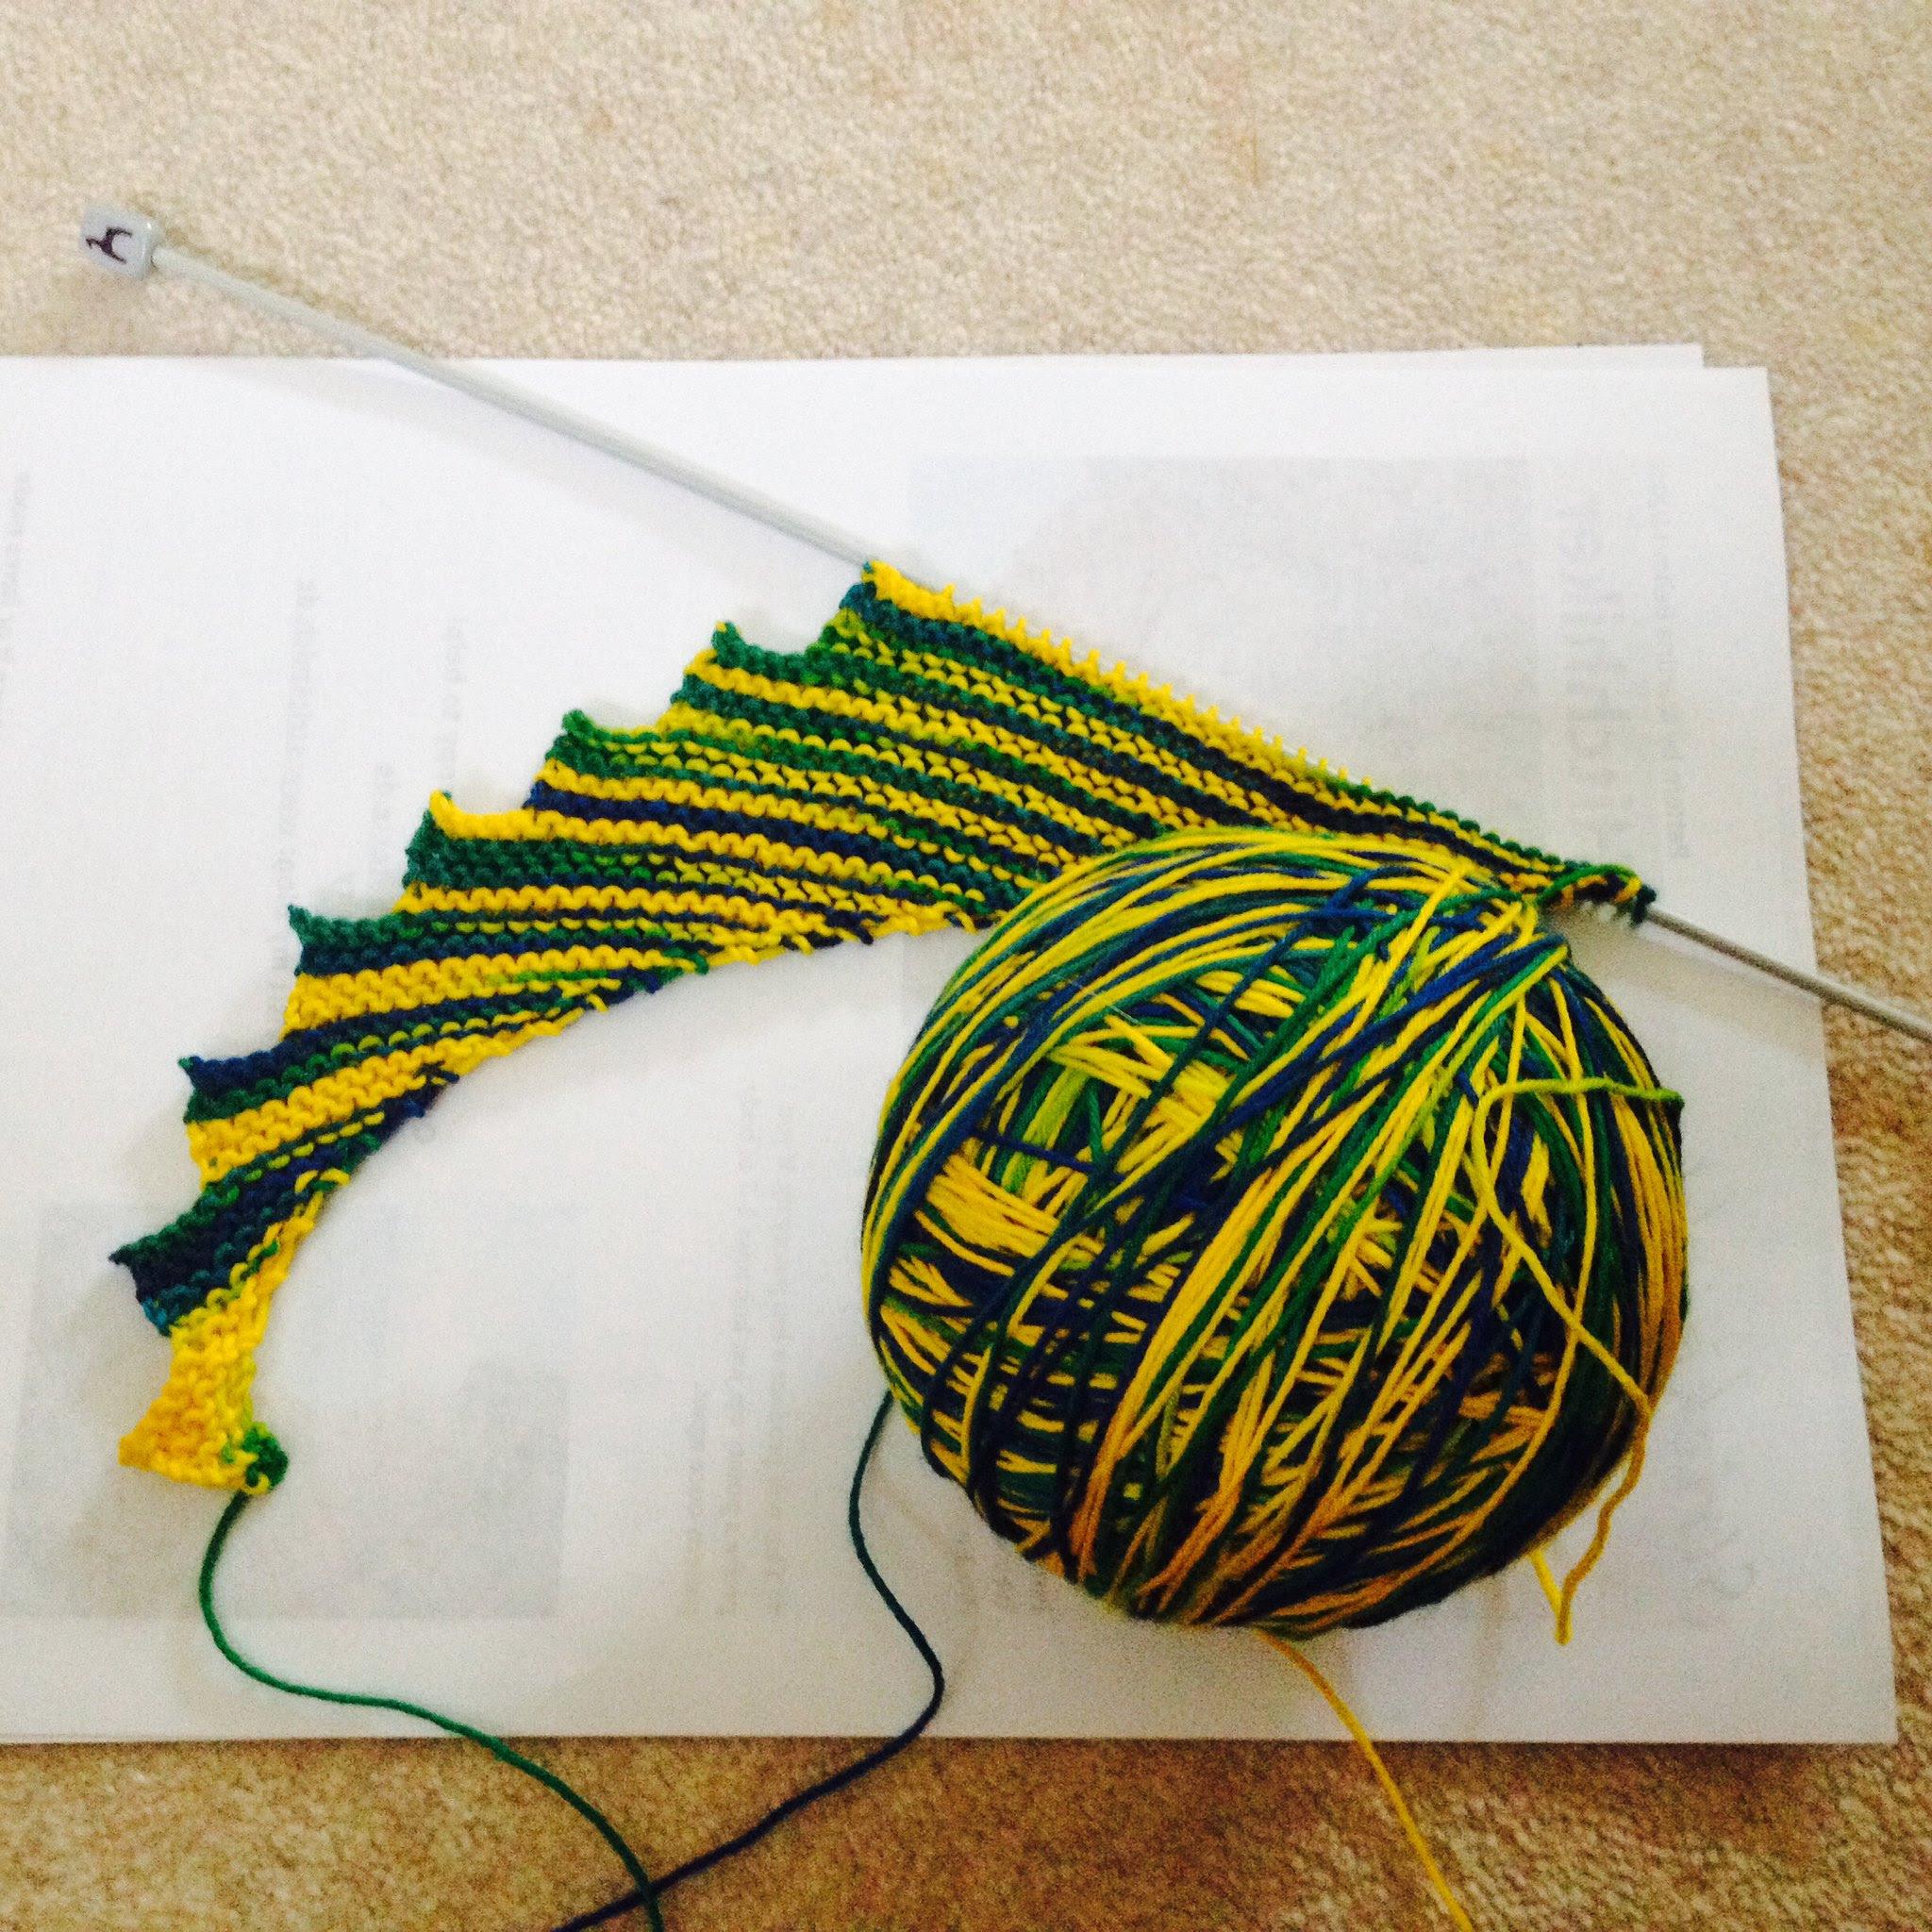 Hitchhiker shawl